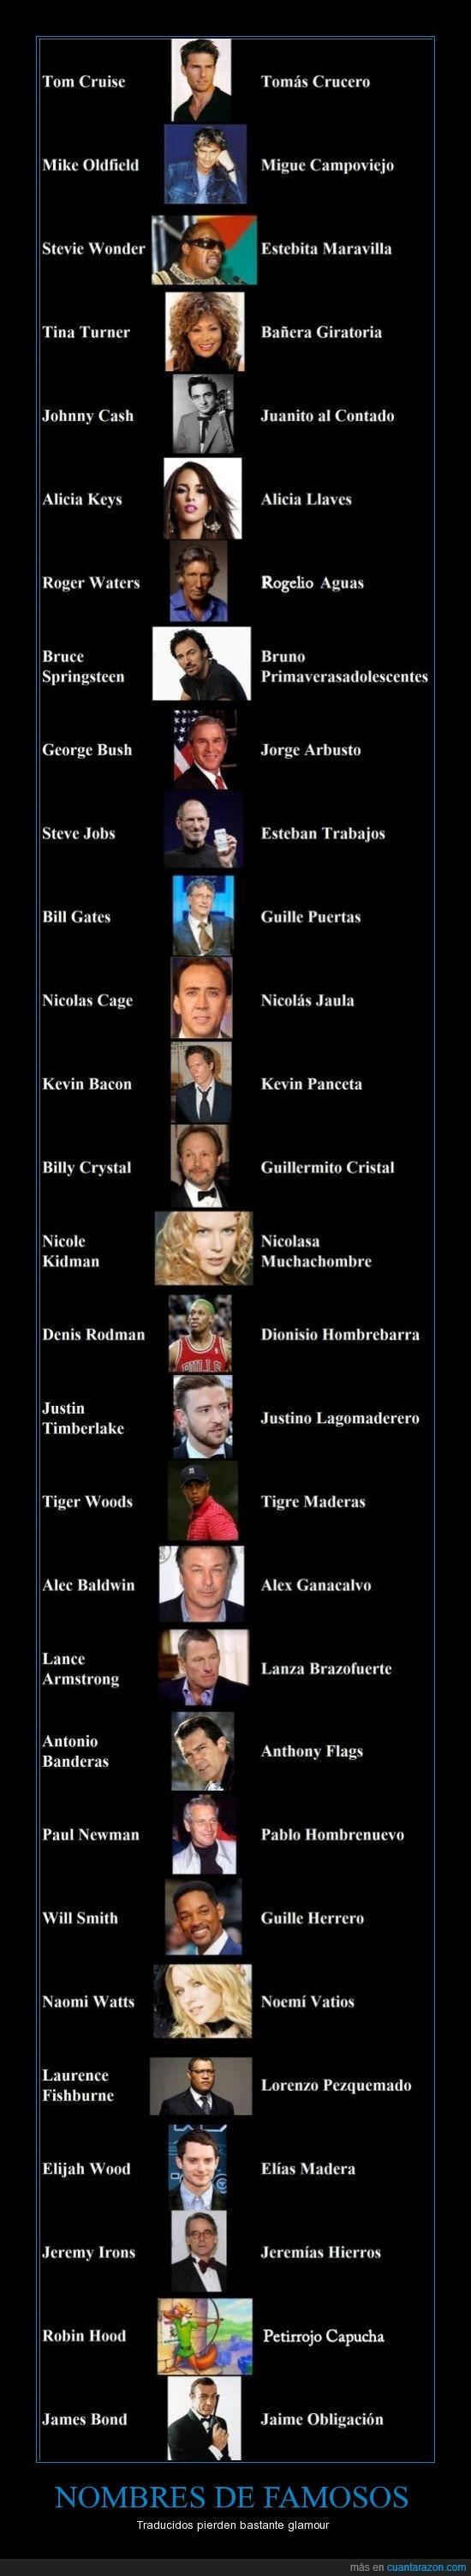 famosos,glamour,nicole kidman,Nombres propios,perder,robin hood,traducción,traducir